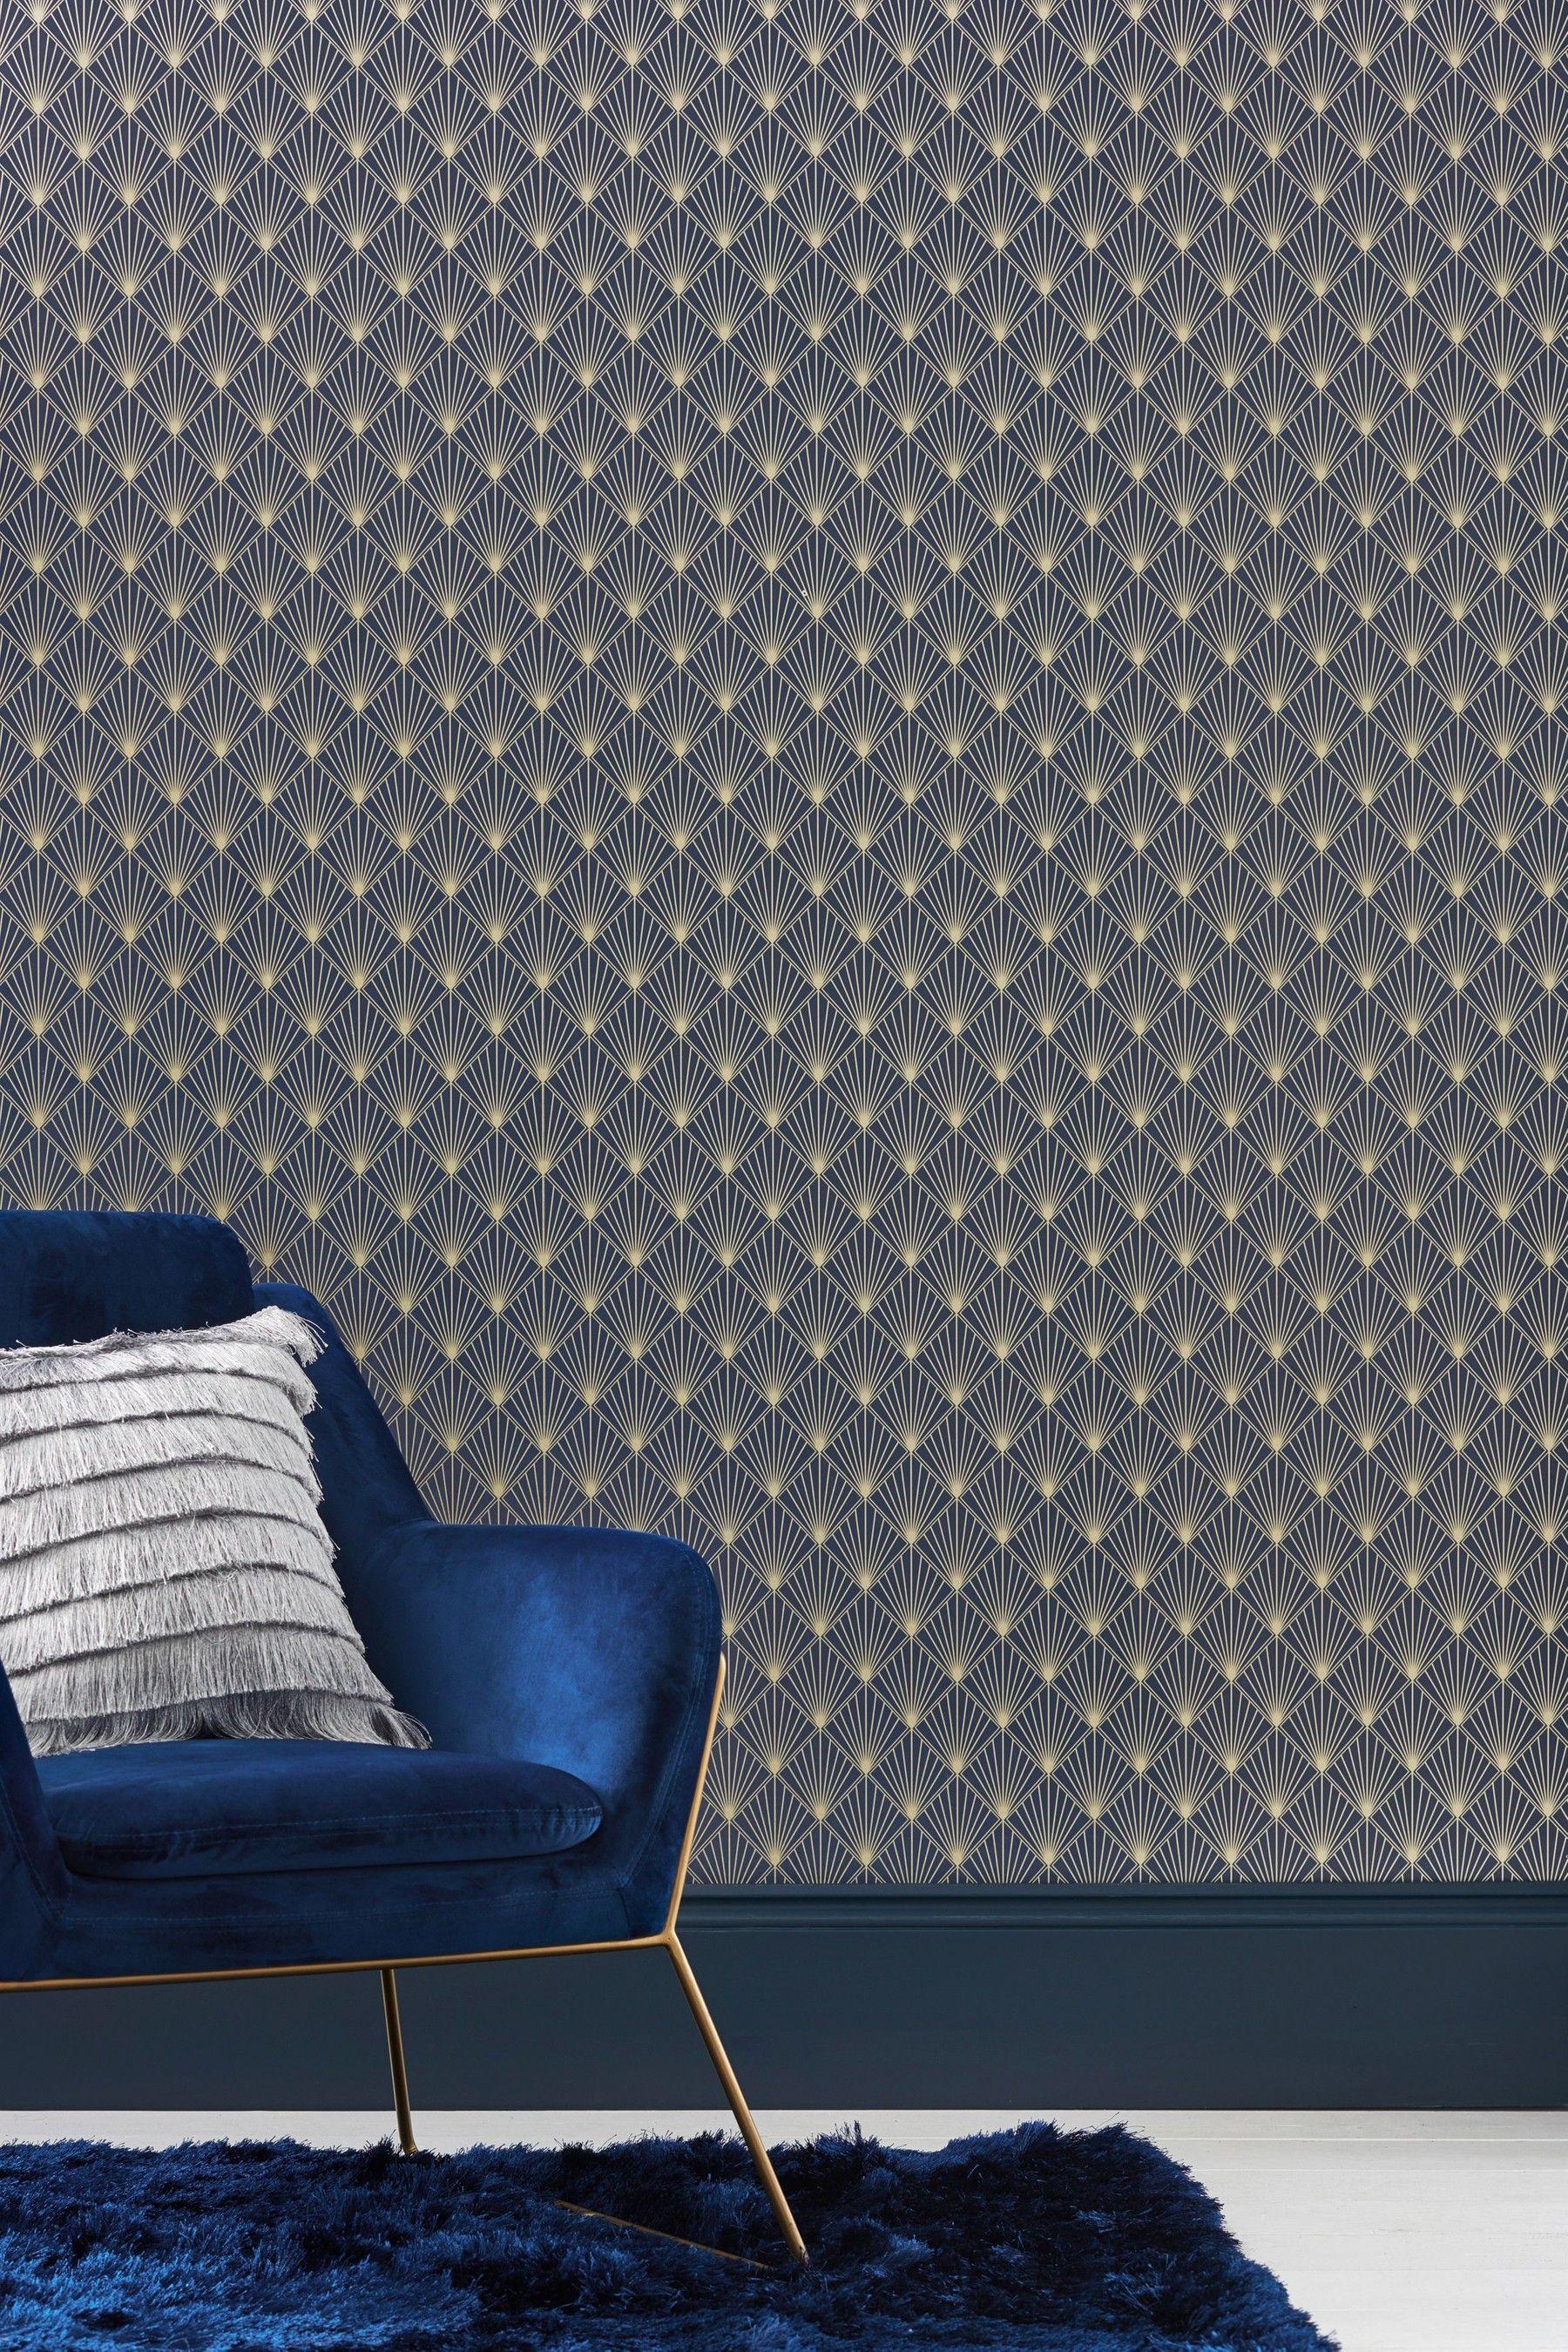 Next Paste The Wall Deco Facet Wallpaper Blue Wall Deco Art Deco Interior Design Wallpaper